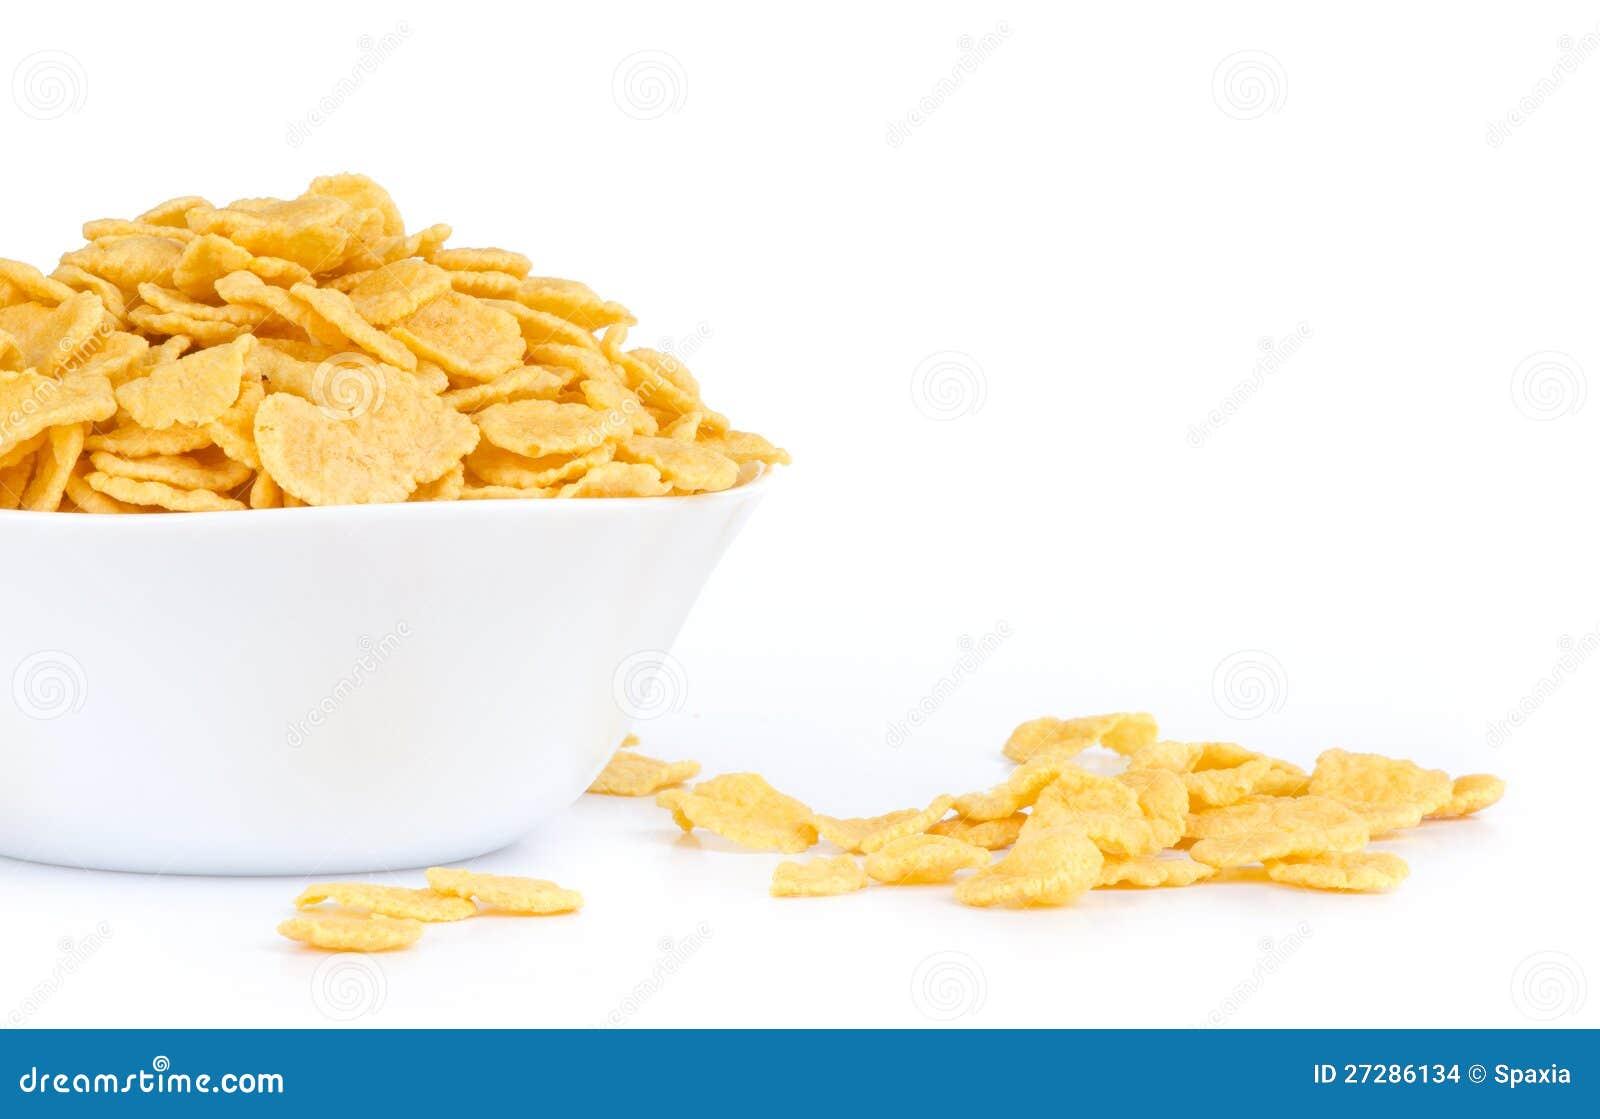 Cornflakes i en bunke